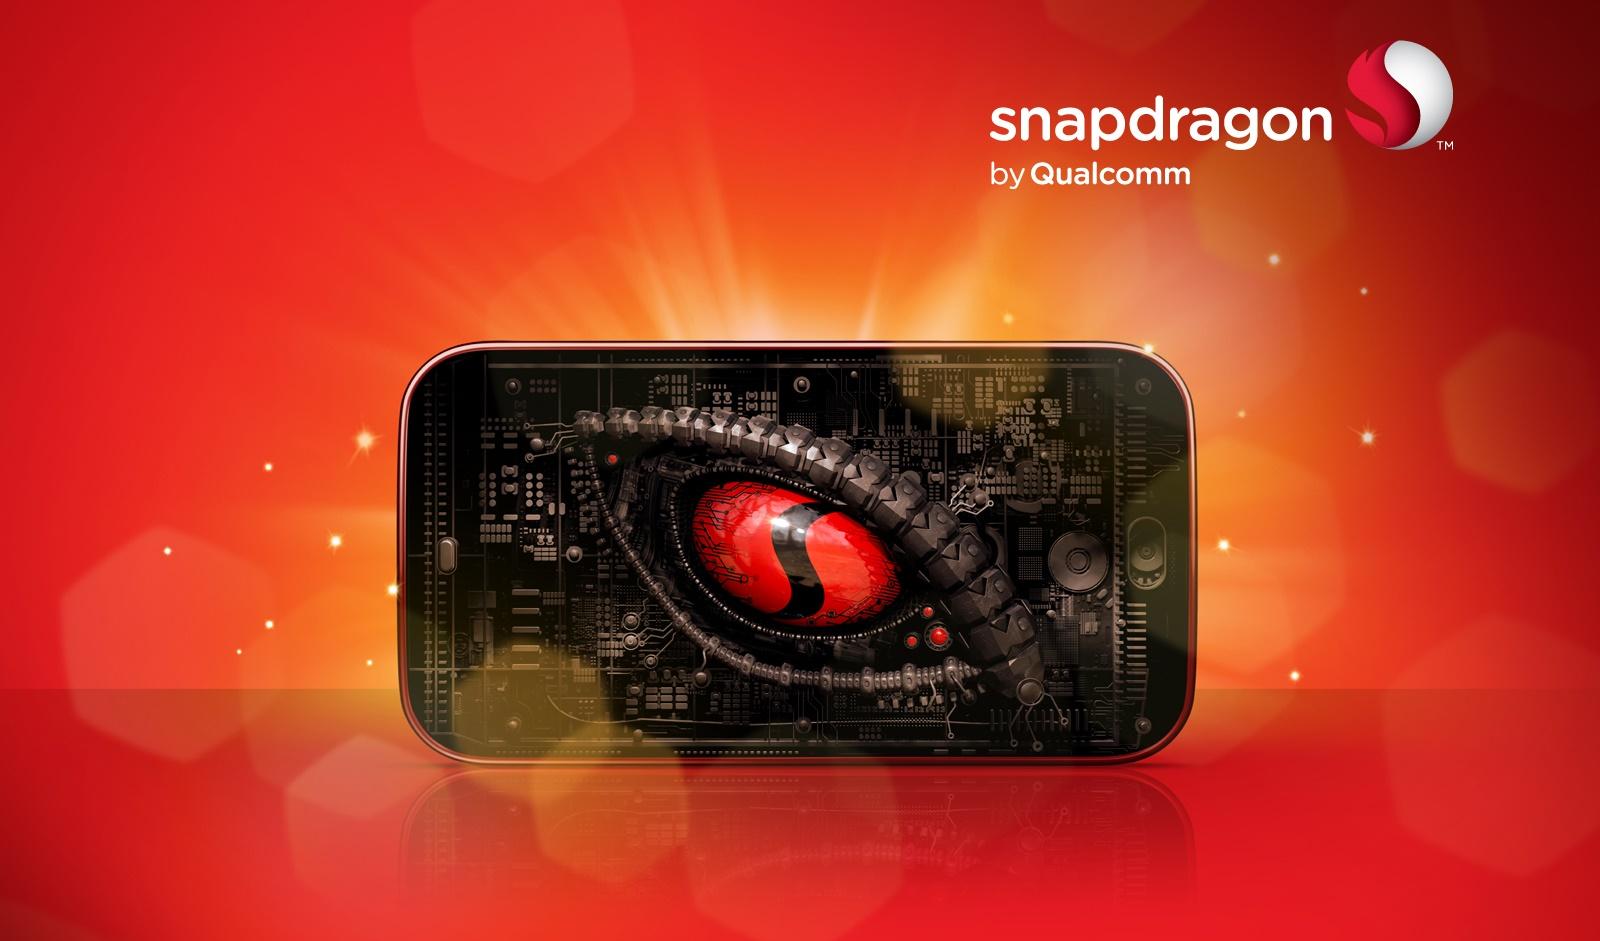 Vazam especificações do Snapdragon 845